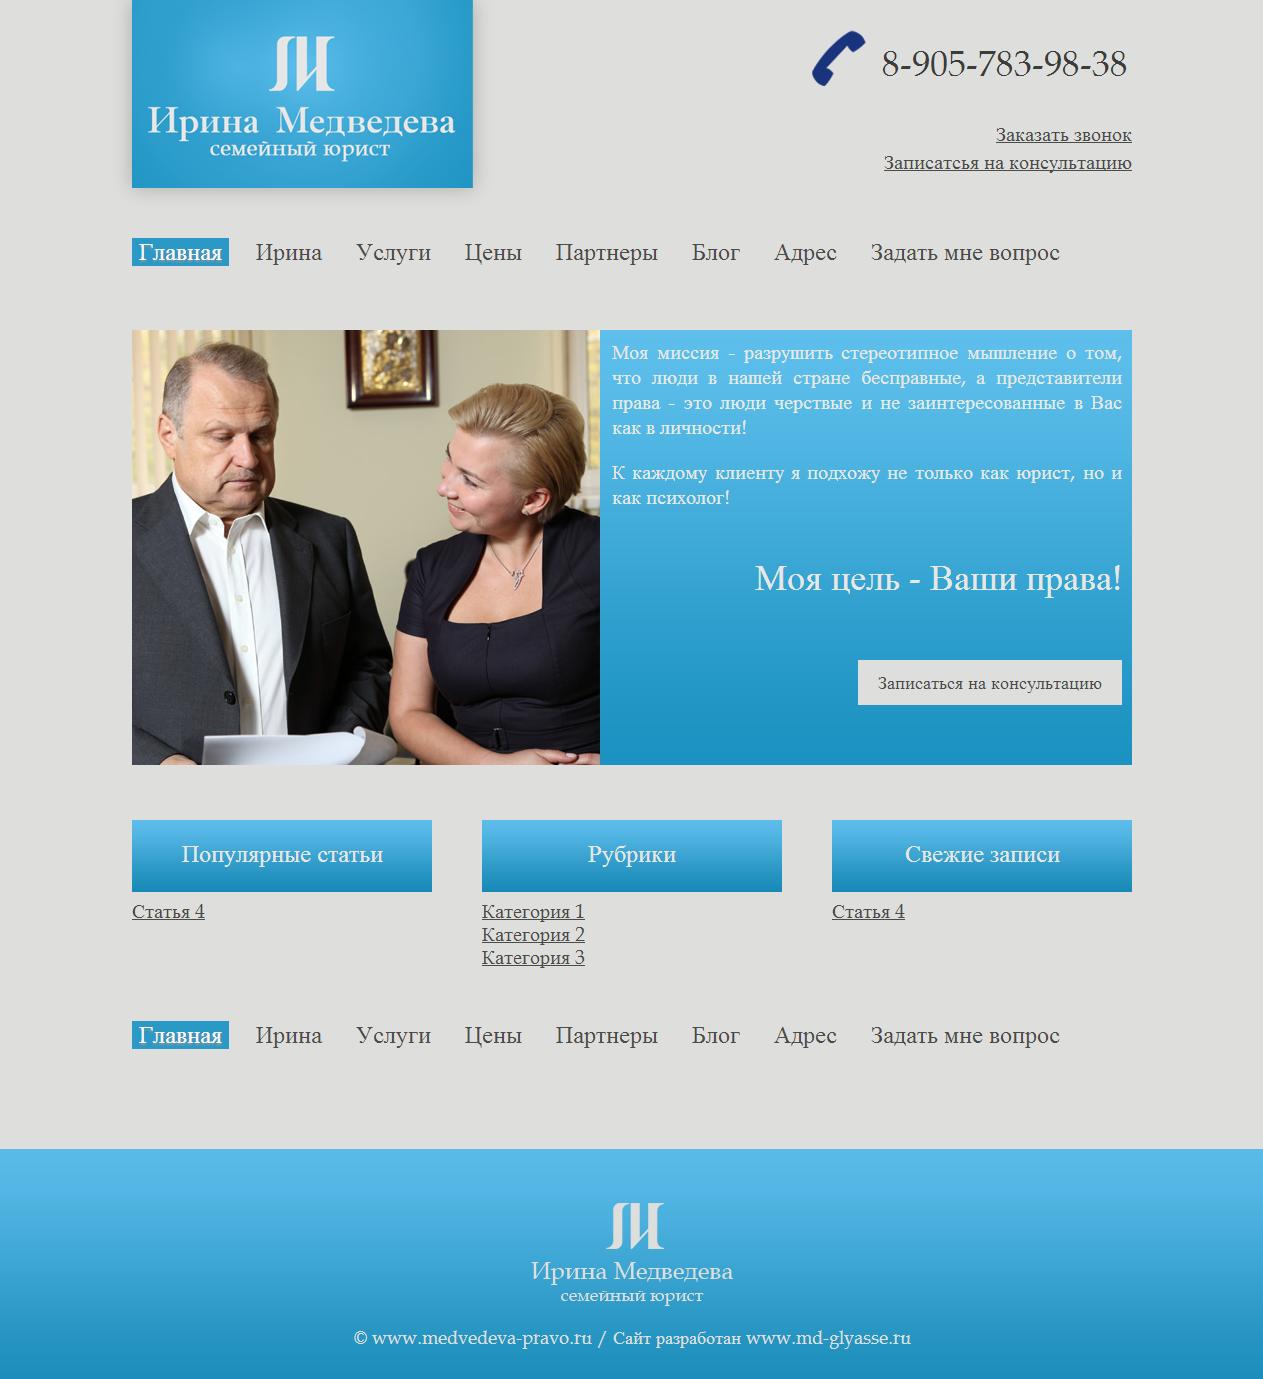 Ирина Медведева - семейный консультант